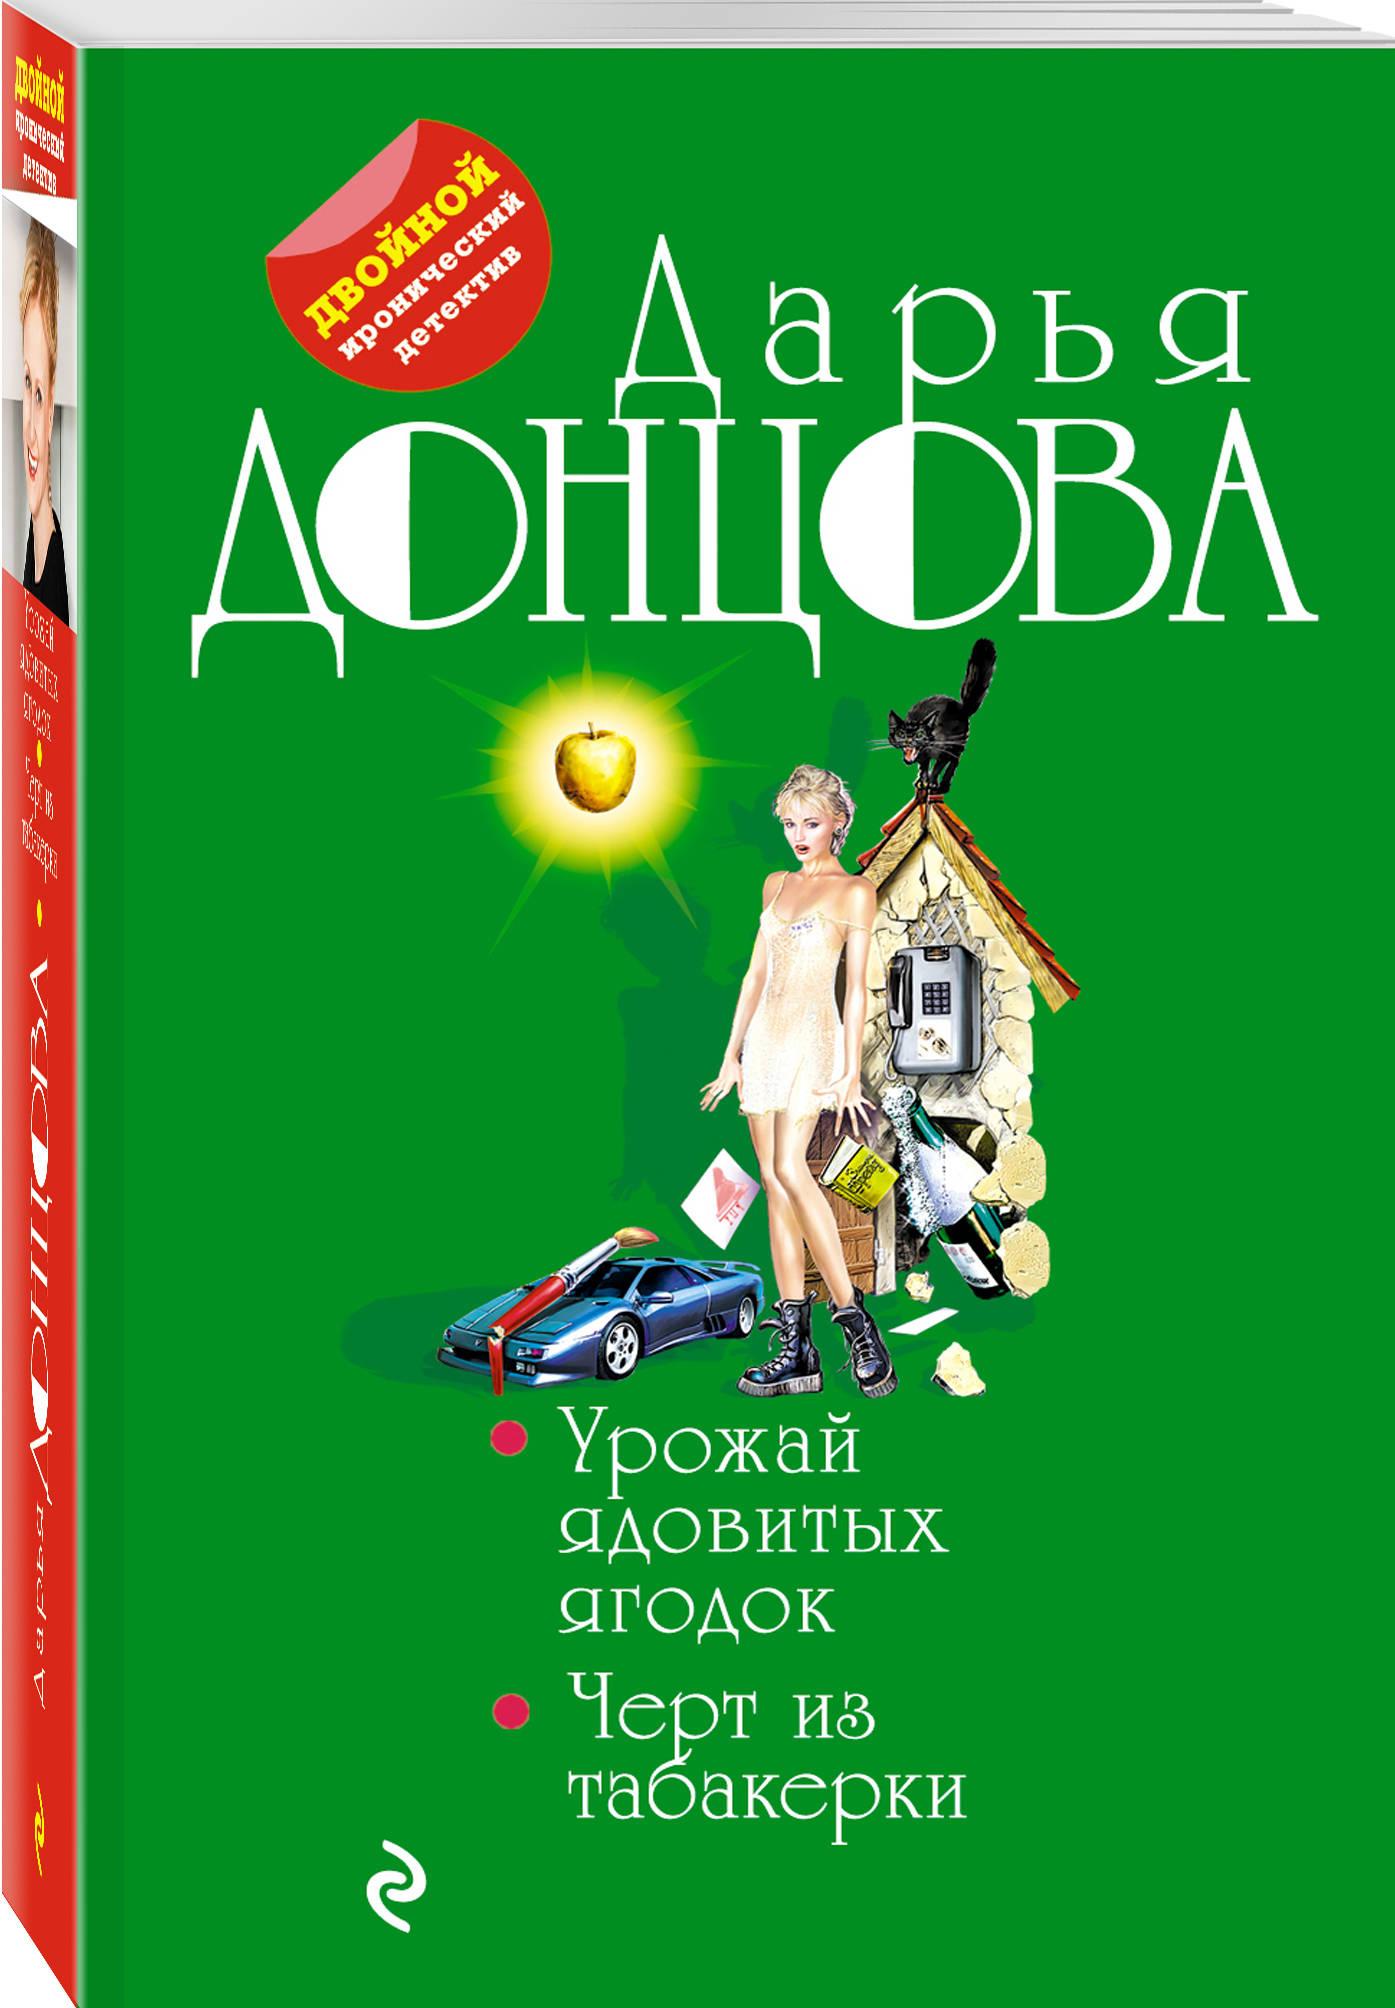 Донцова Дарья Аркадьевна Урожай ядовитых ягодок. Черт из табакерки